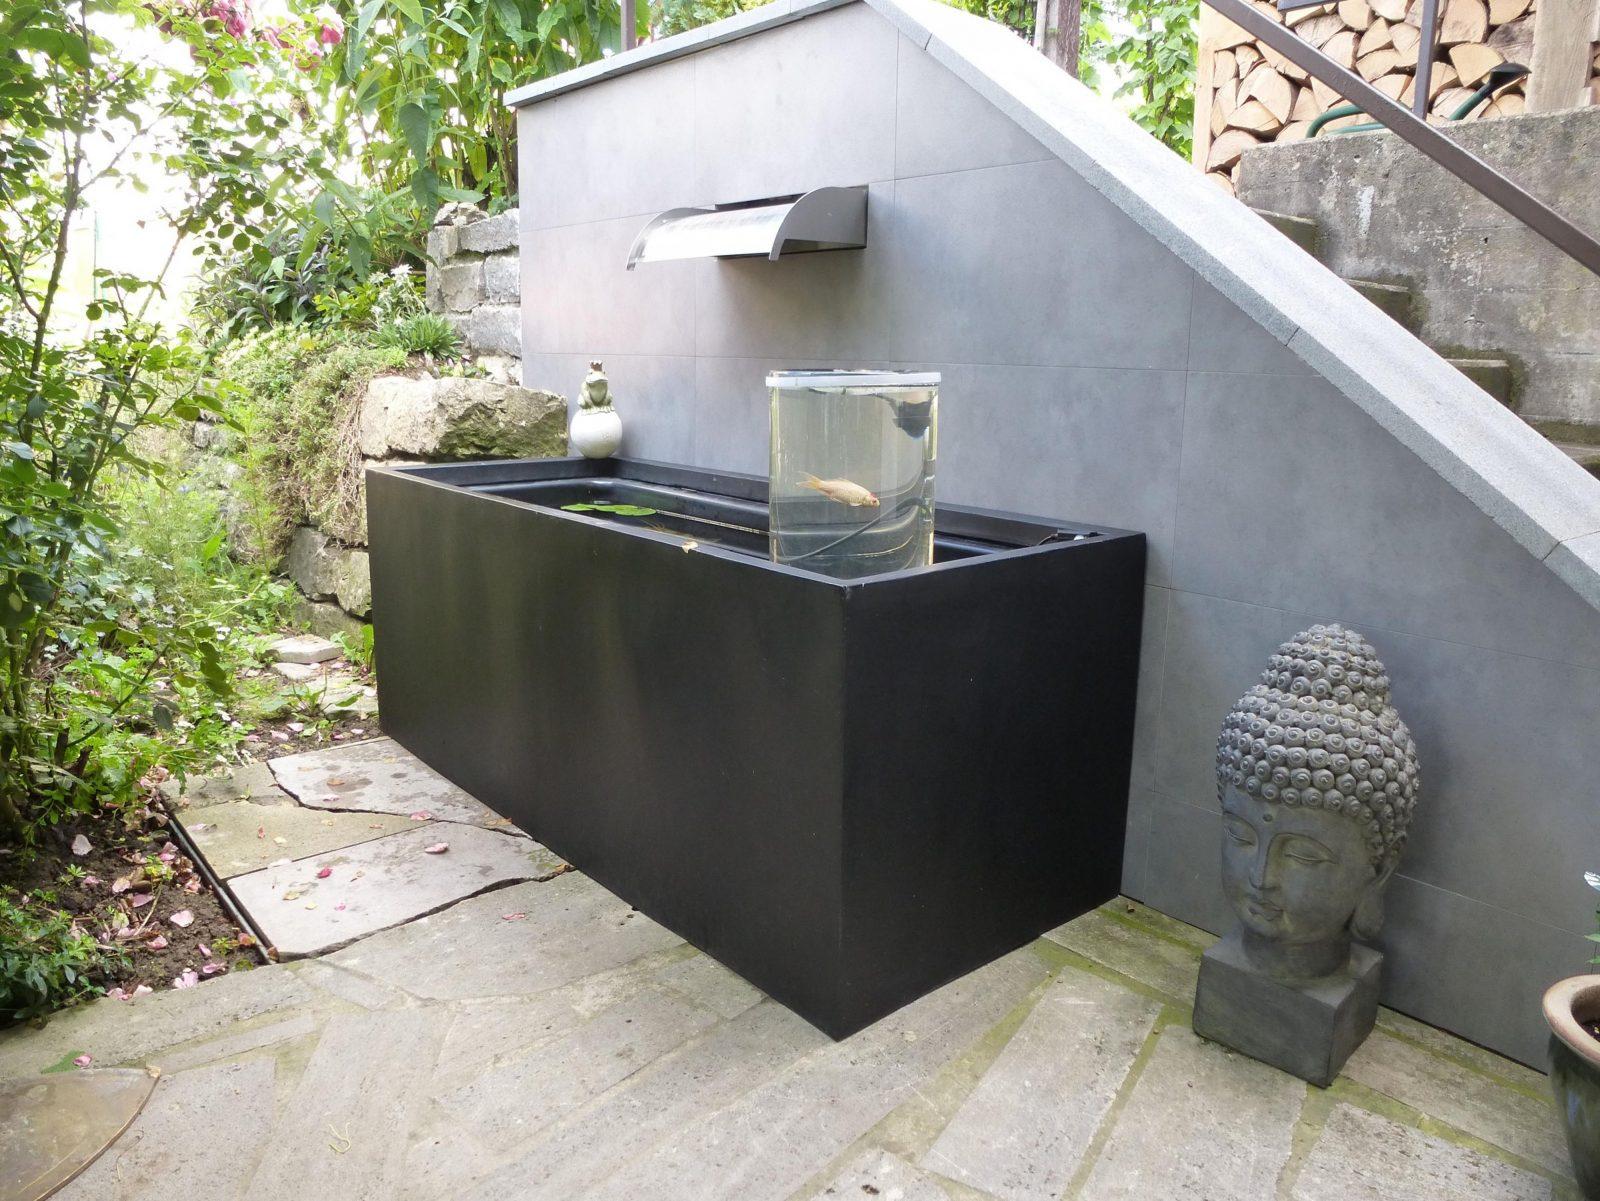 Balkon Brunnen Home Design Magazine Party Für Die Selber Bauen von Zimmerbrunnen Wasserfall Selber Bauen Photo